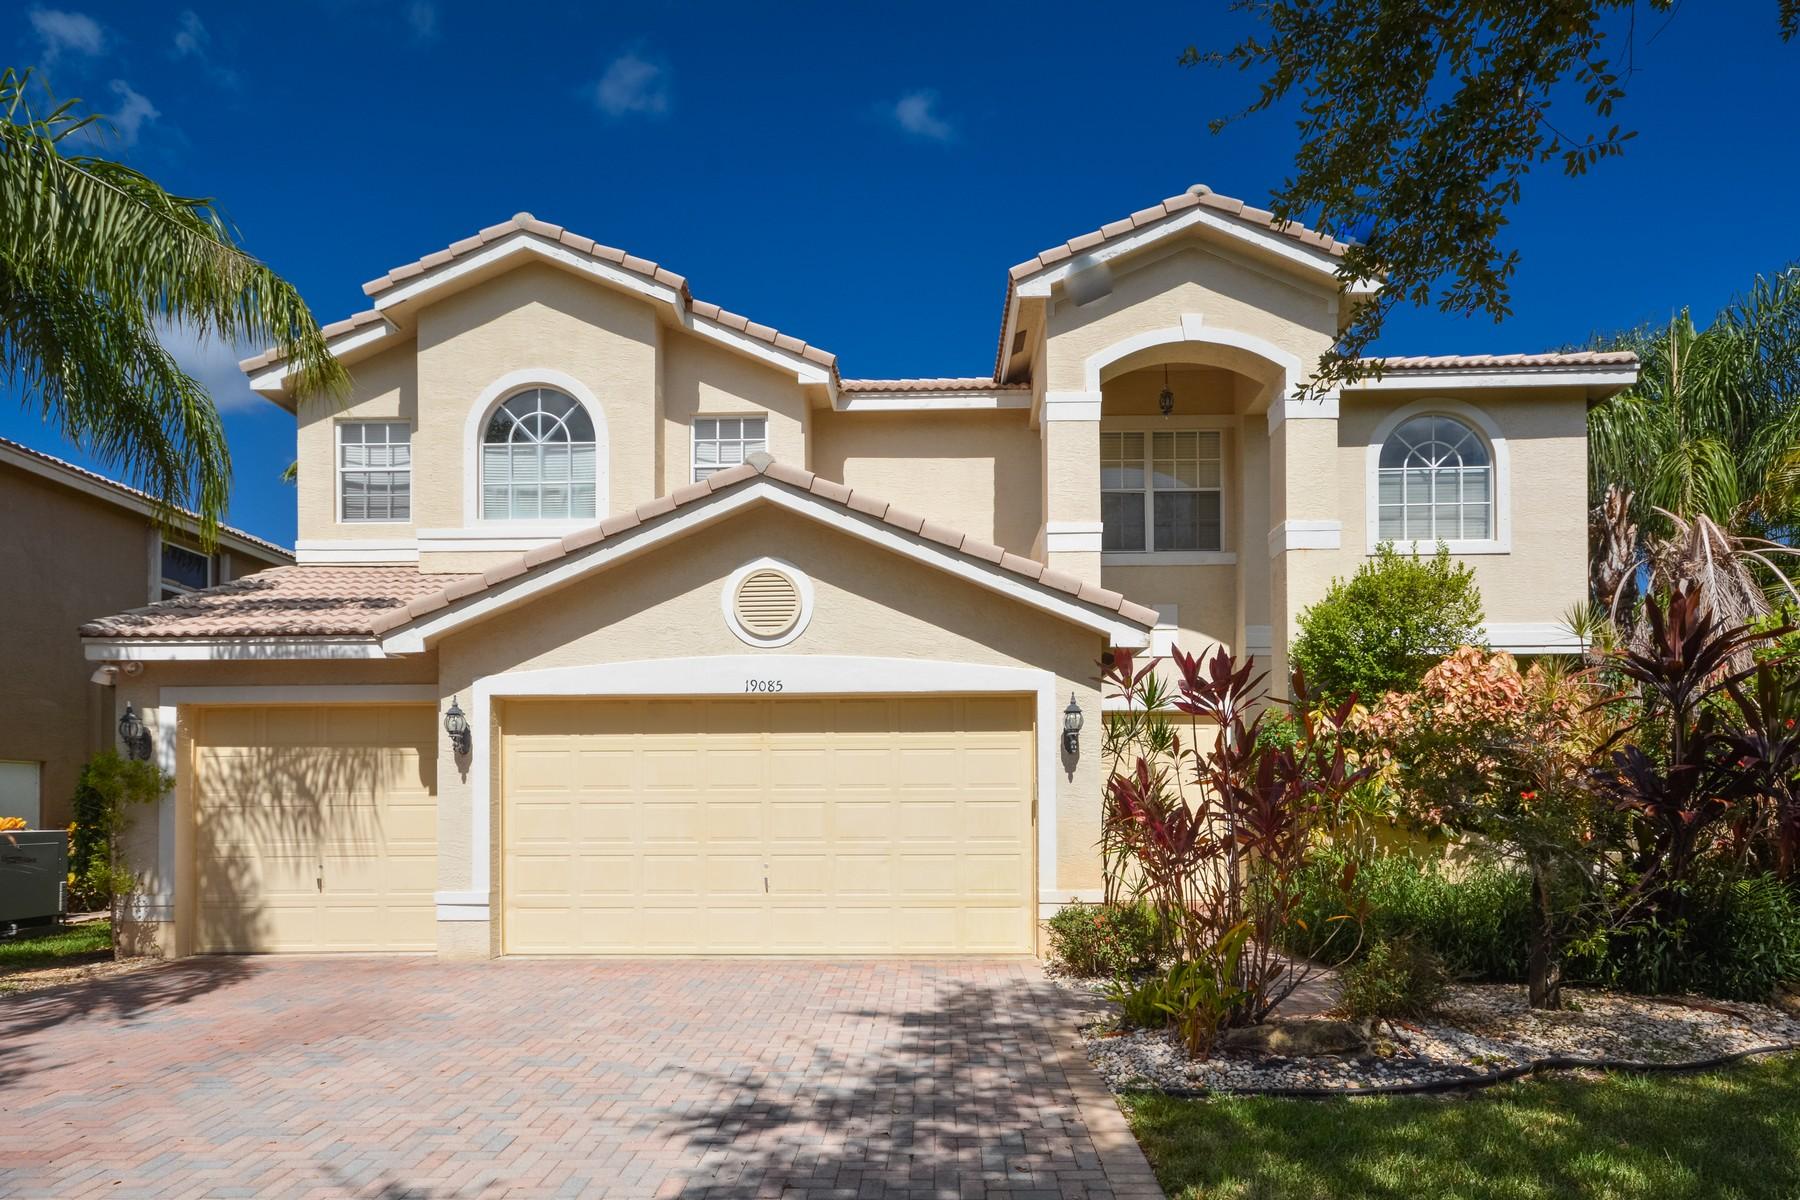 Casa Unifamiliar por un Venta en 19085 Streamside Ct , Boca Raton, FL 33498 19085 Streamside Ct Boca Raton, Florida, 33498 Estados Unidos